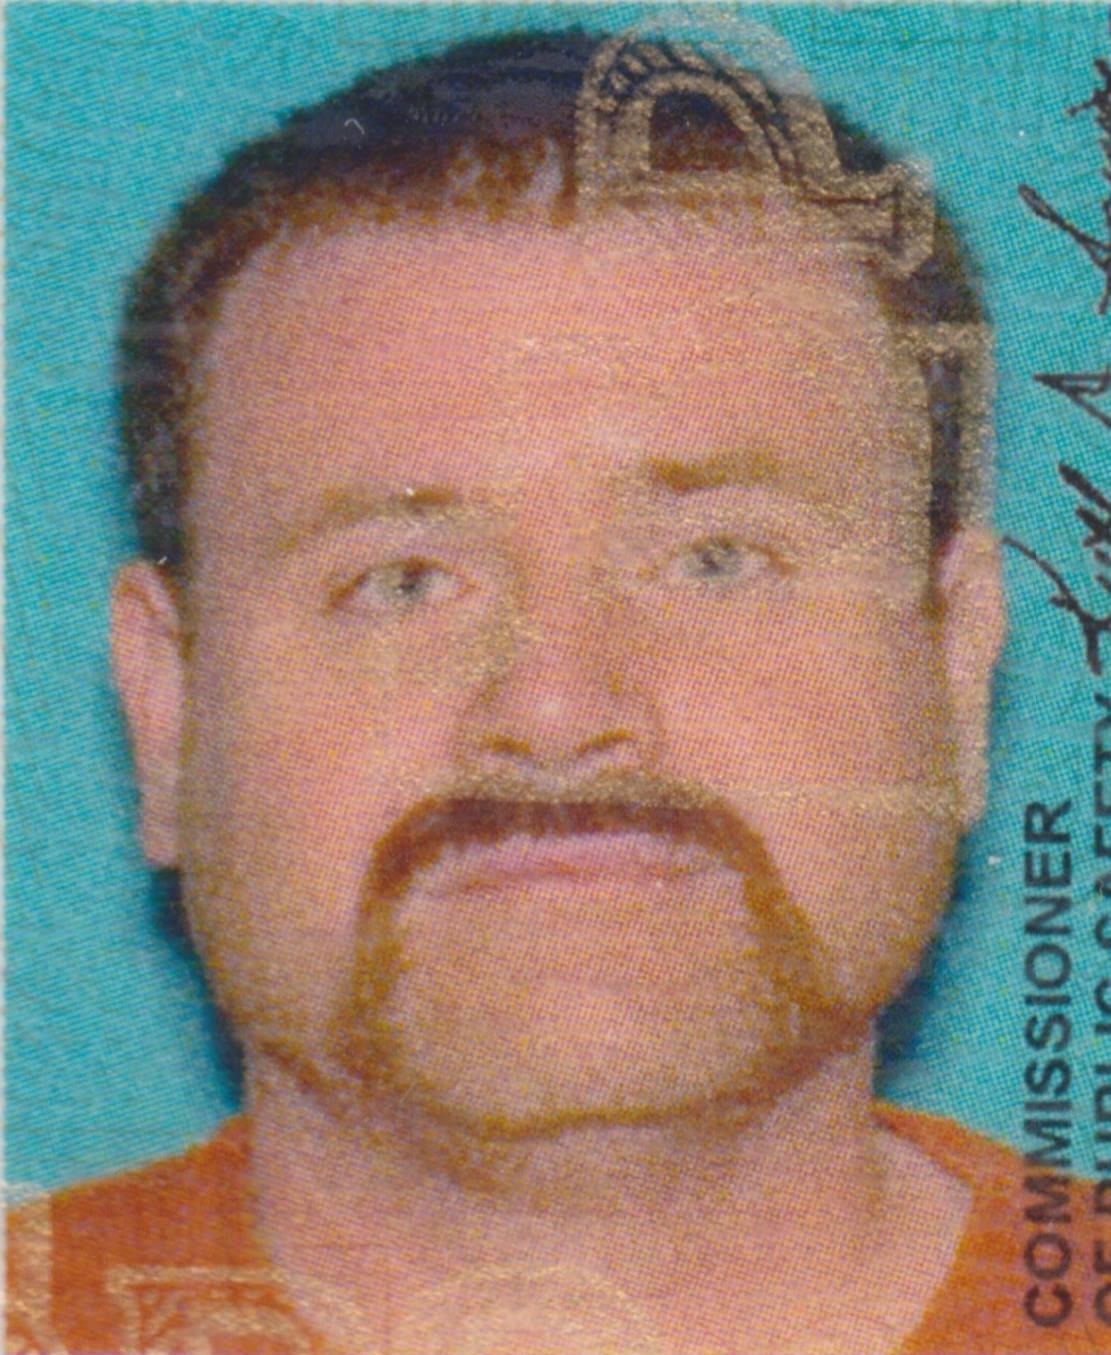 driver license photo